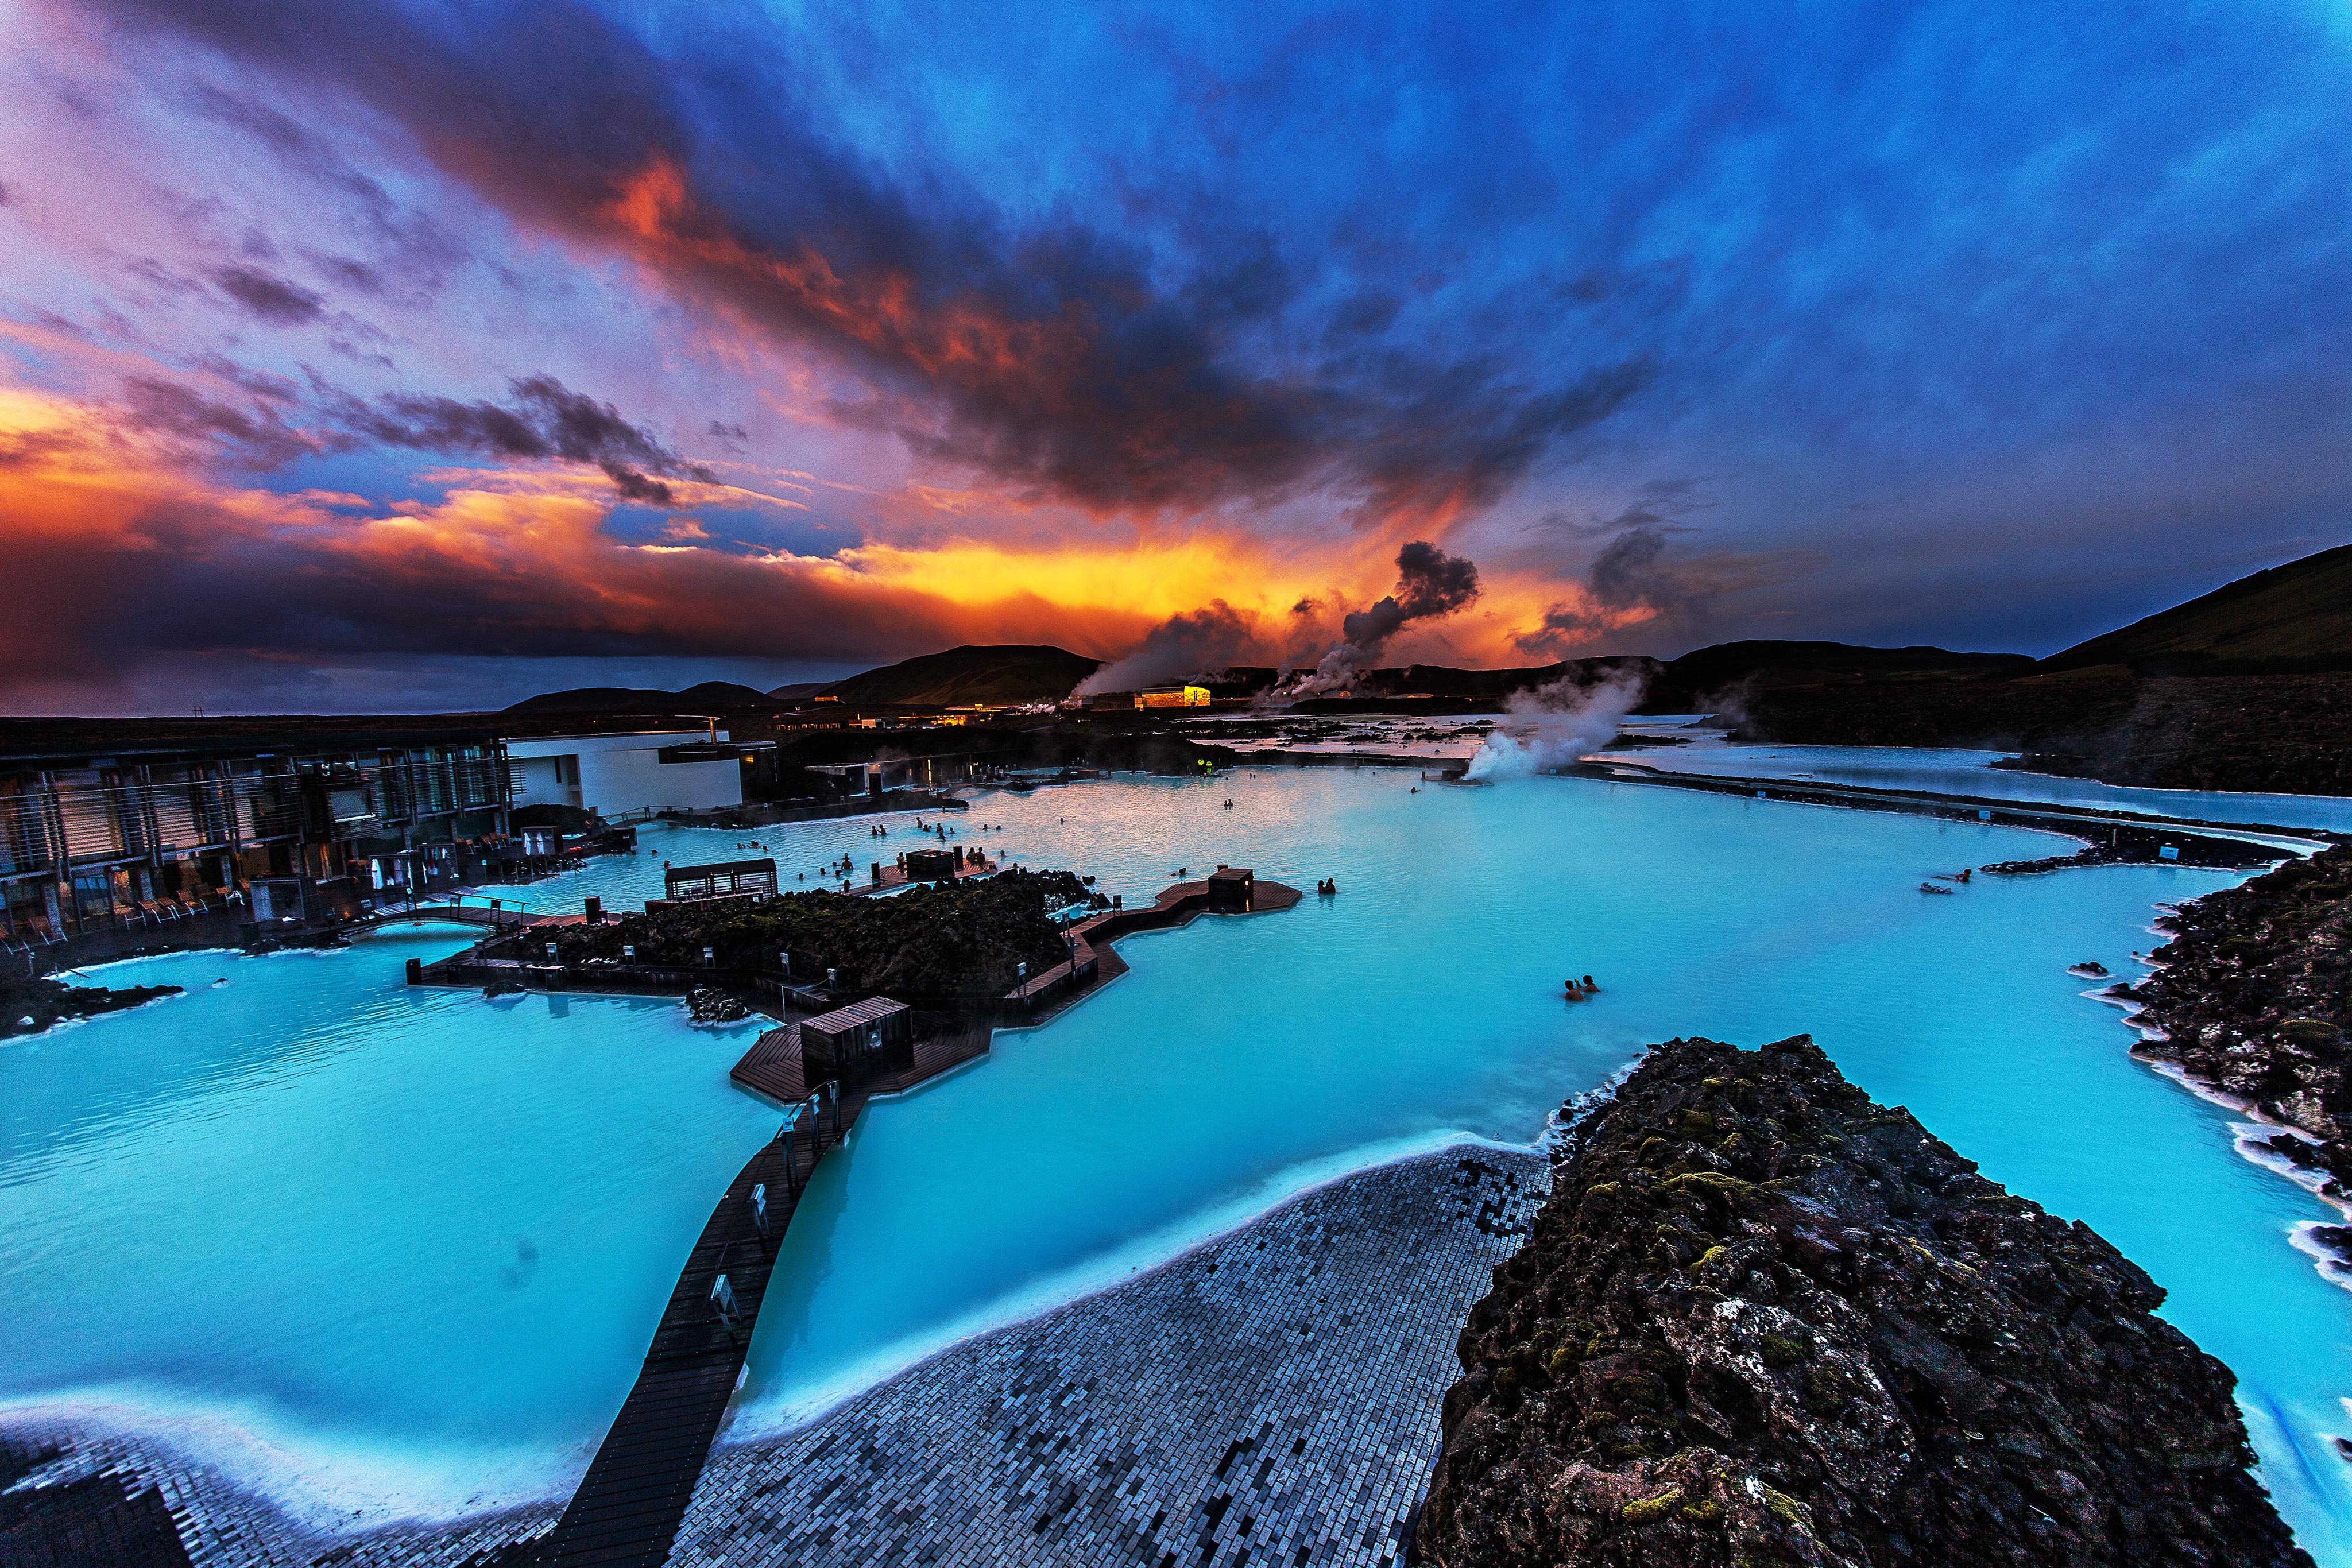 Blå lagunens geotermiska spa lever upp till sitt namn med sitt vackra turkosblå vatten.